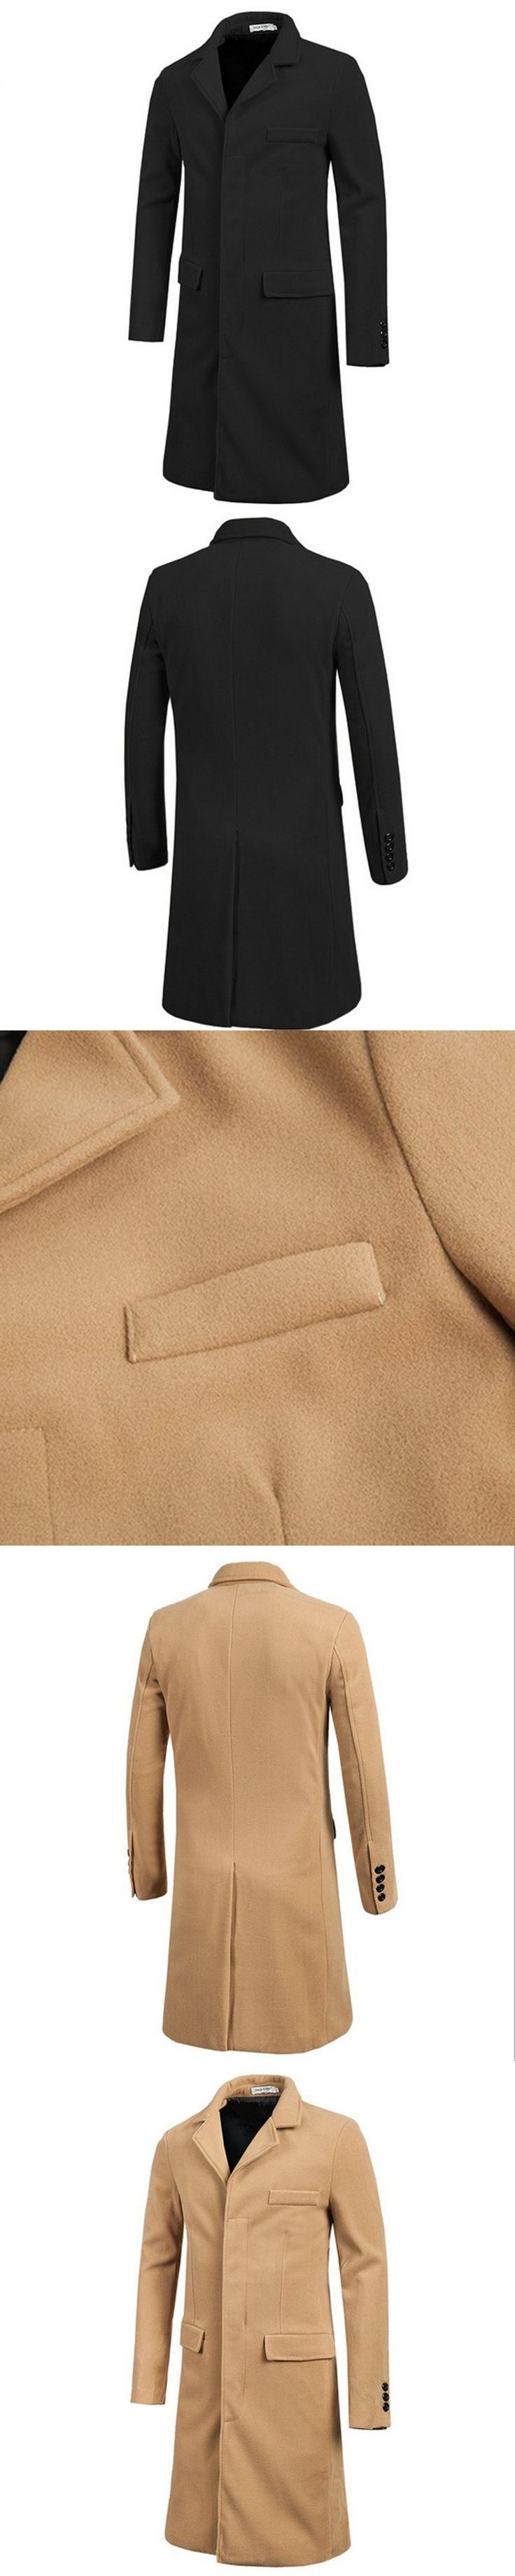 Solid color mens long trench coat autumn winter men's  single-breasted long trench coat men overcoat mens long coat jacket